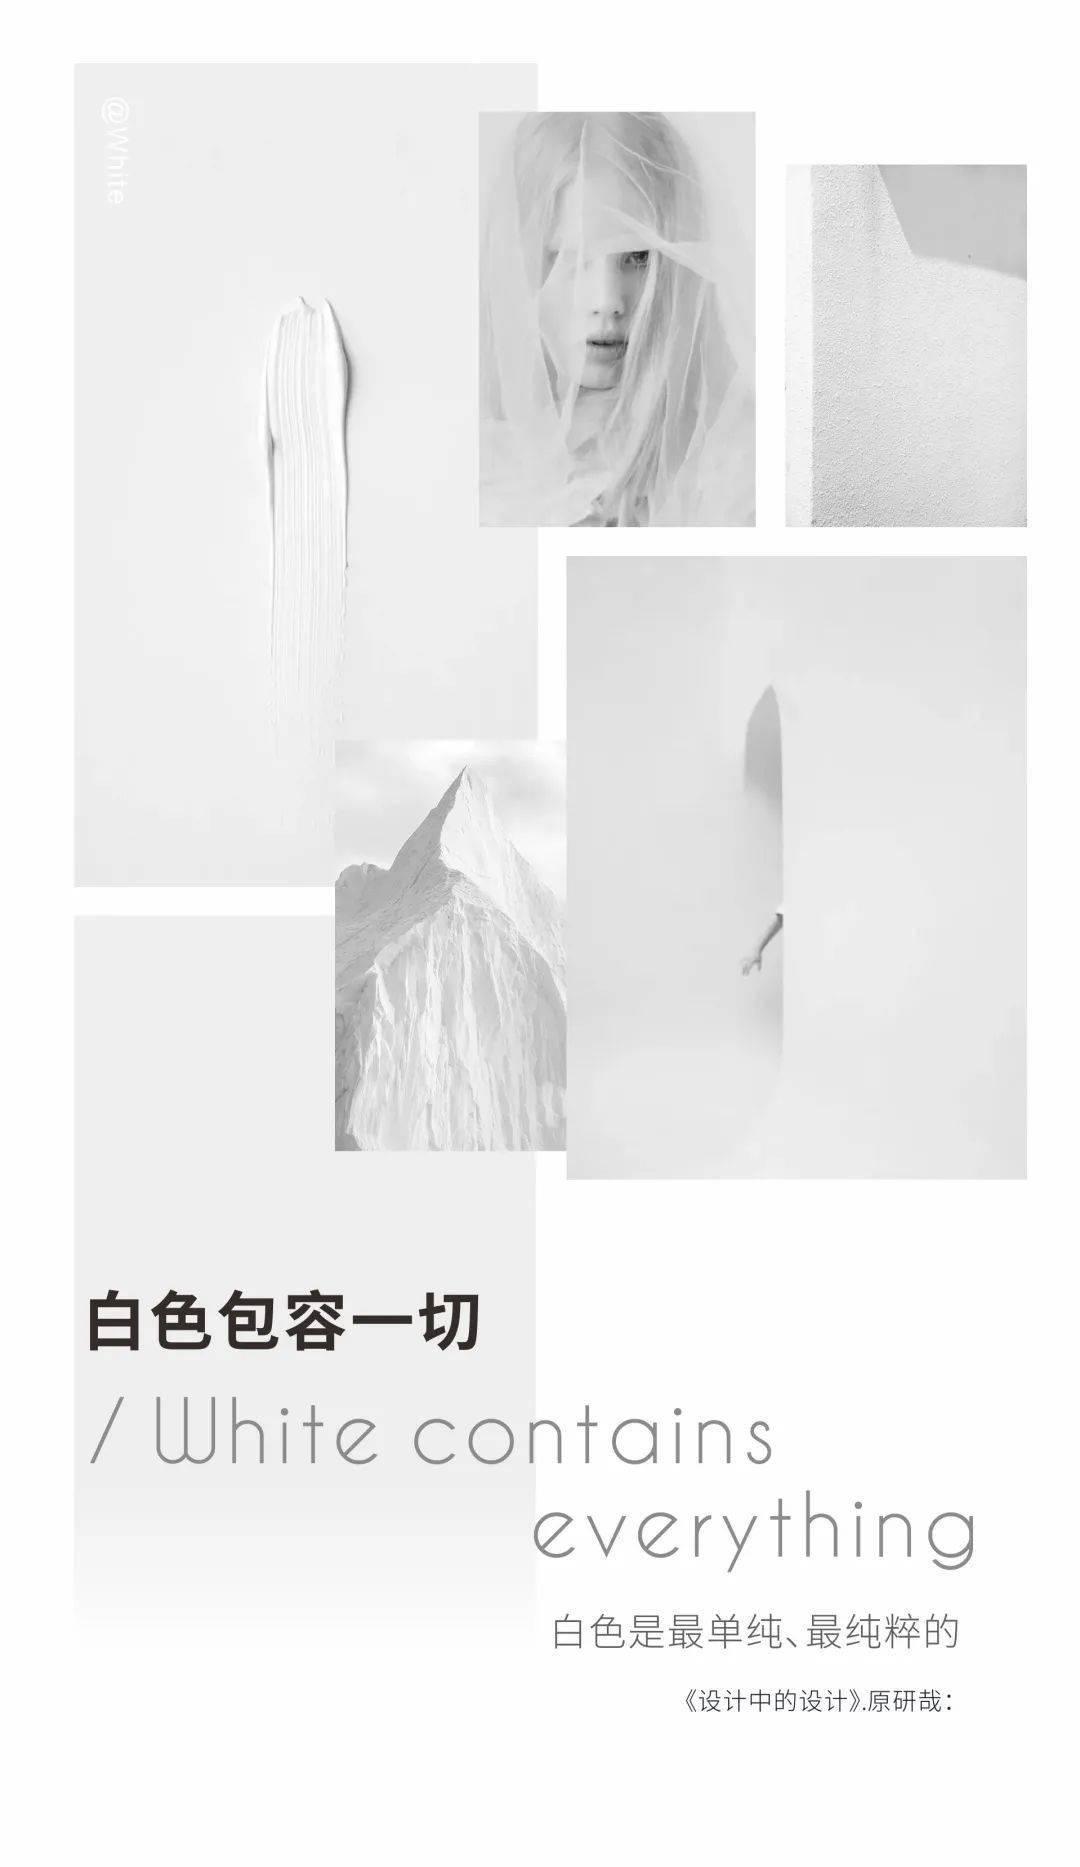 白色的高级感,真正的时髦人都爱